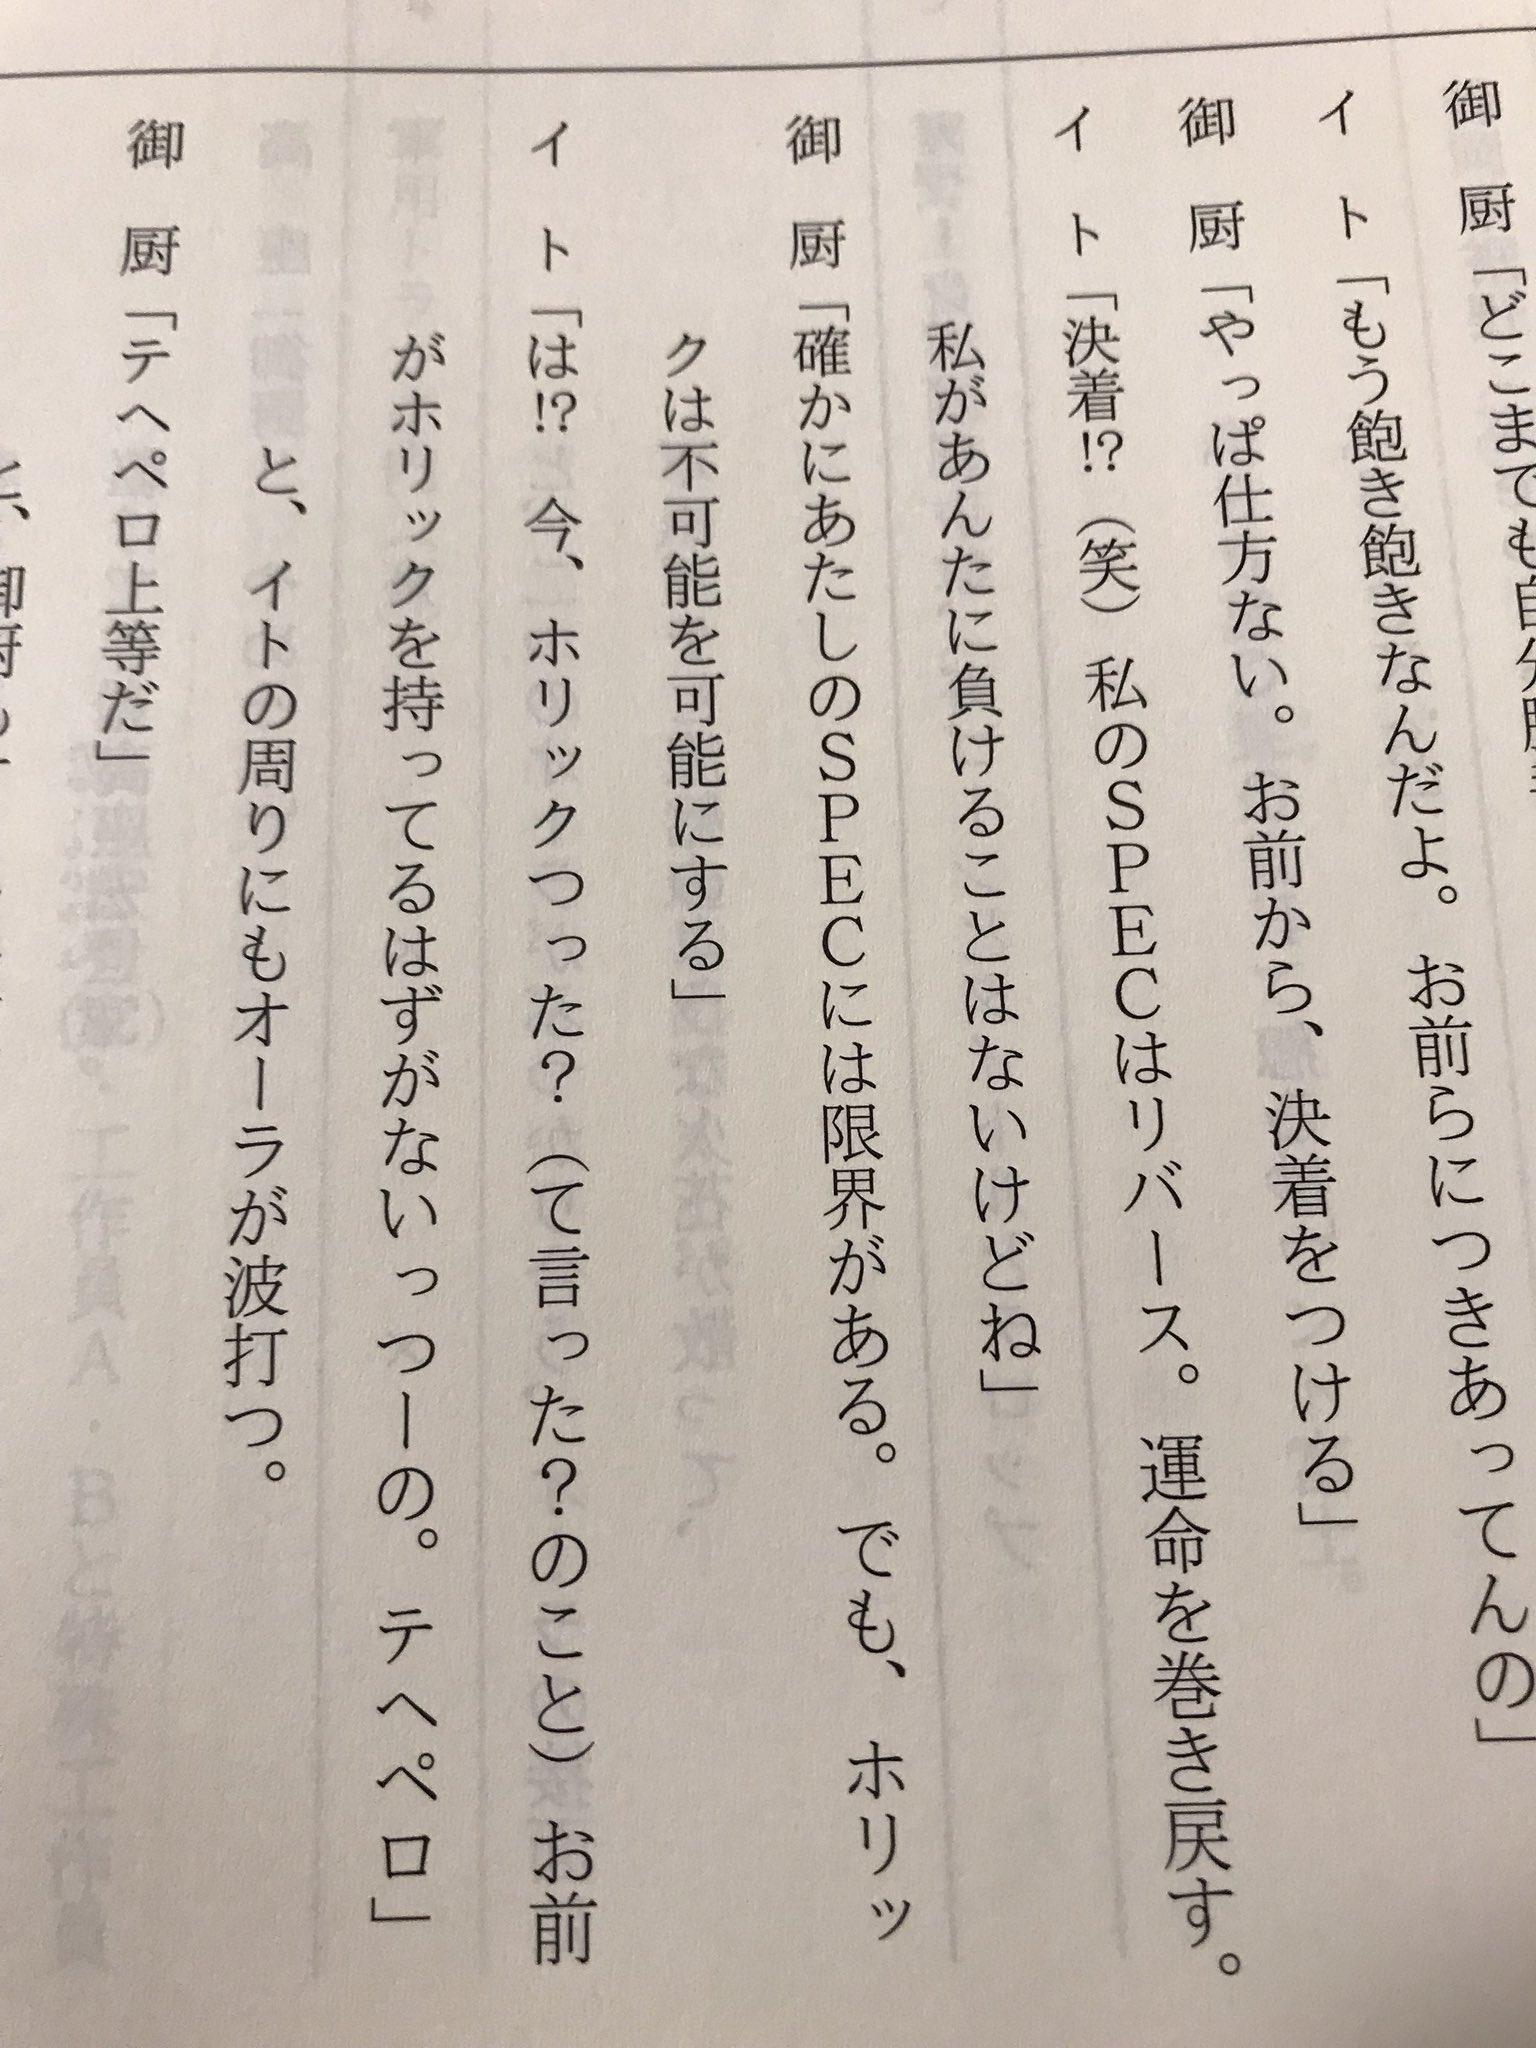 脚本_SPECサーガ完結篇「SICKS恕乃抄」onTwitter:脚本、ちょい出し